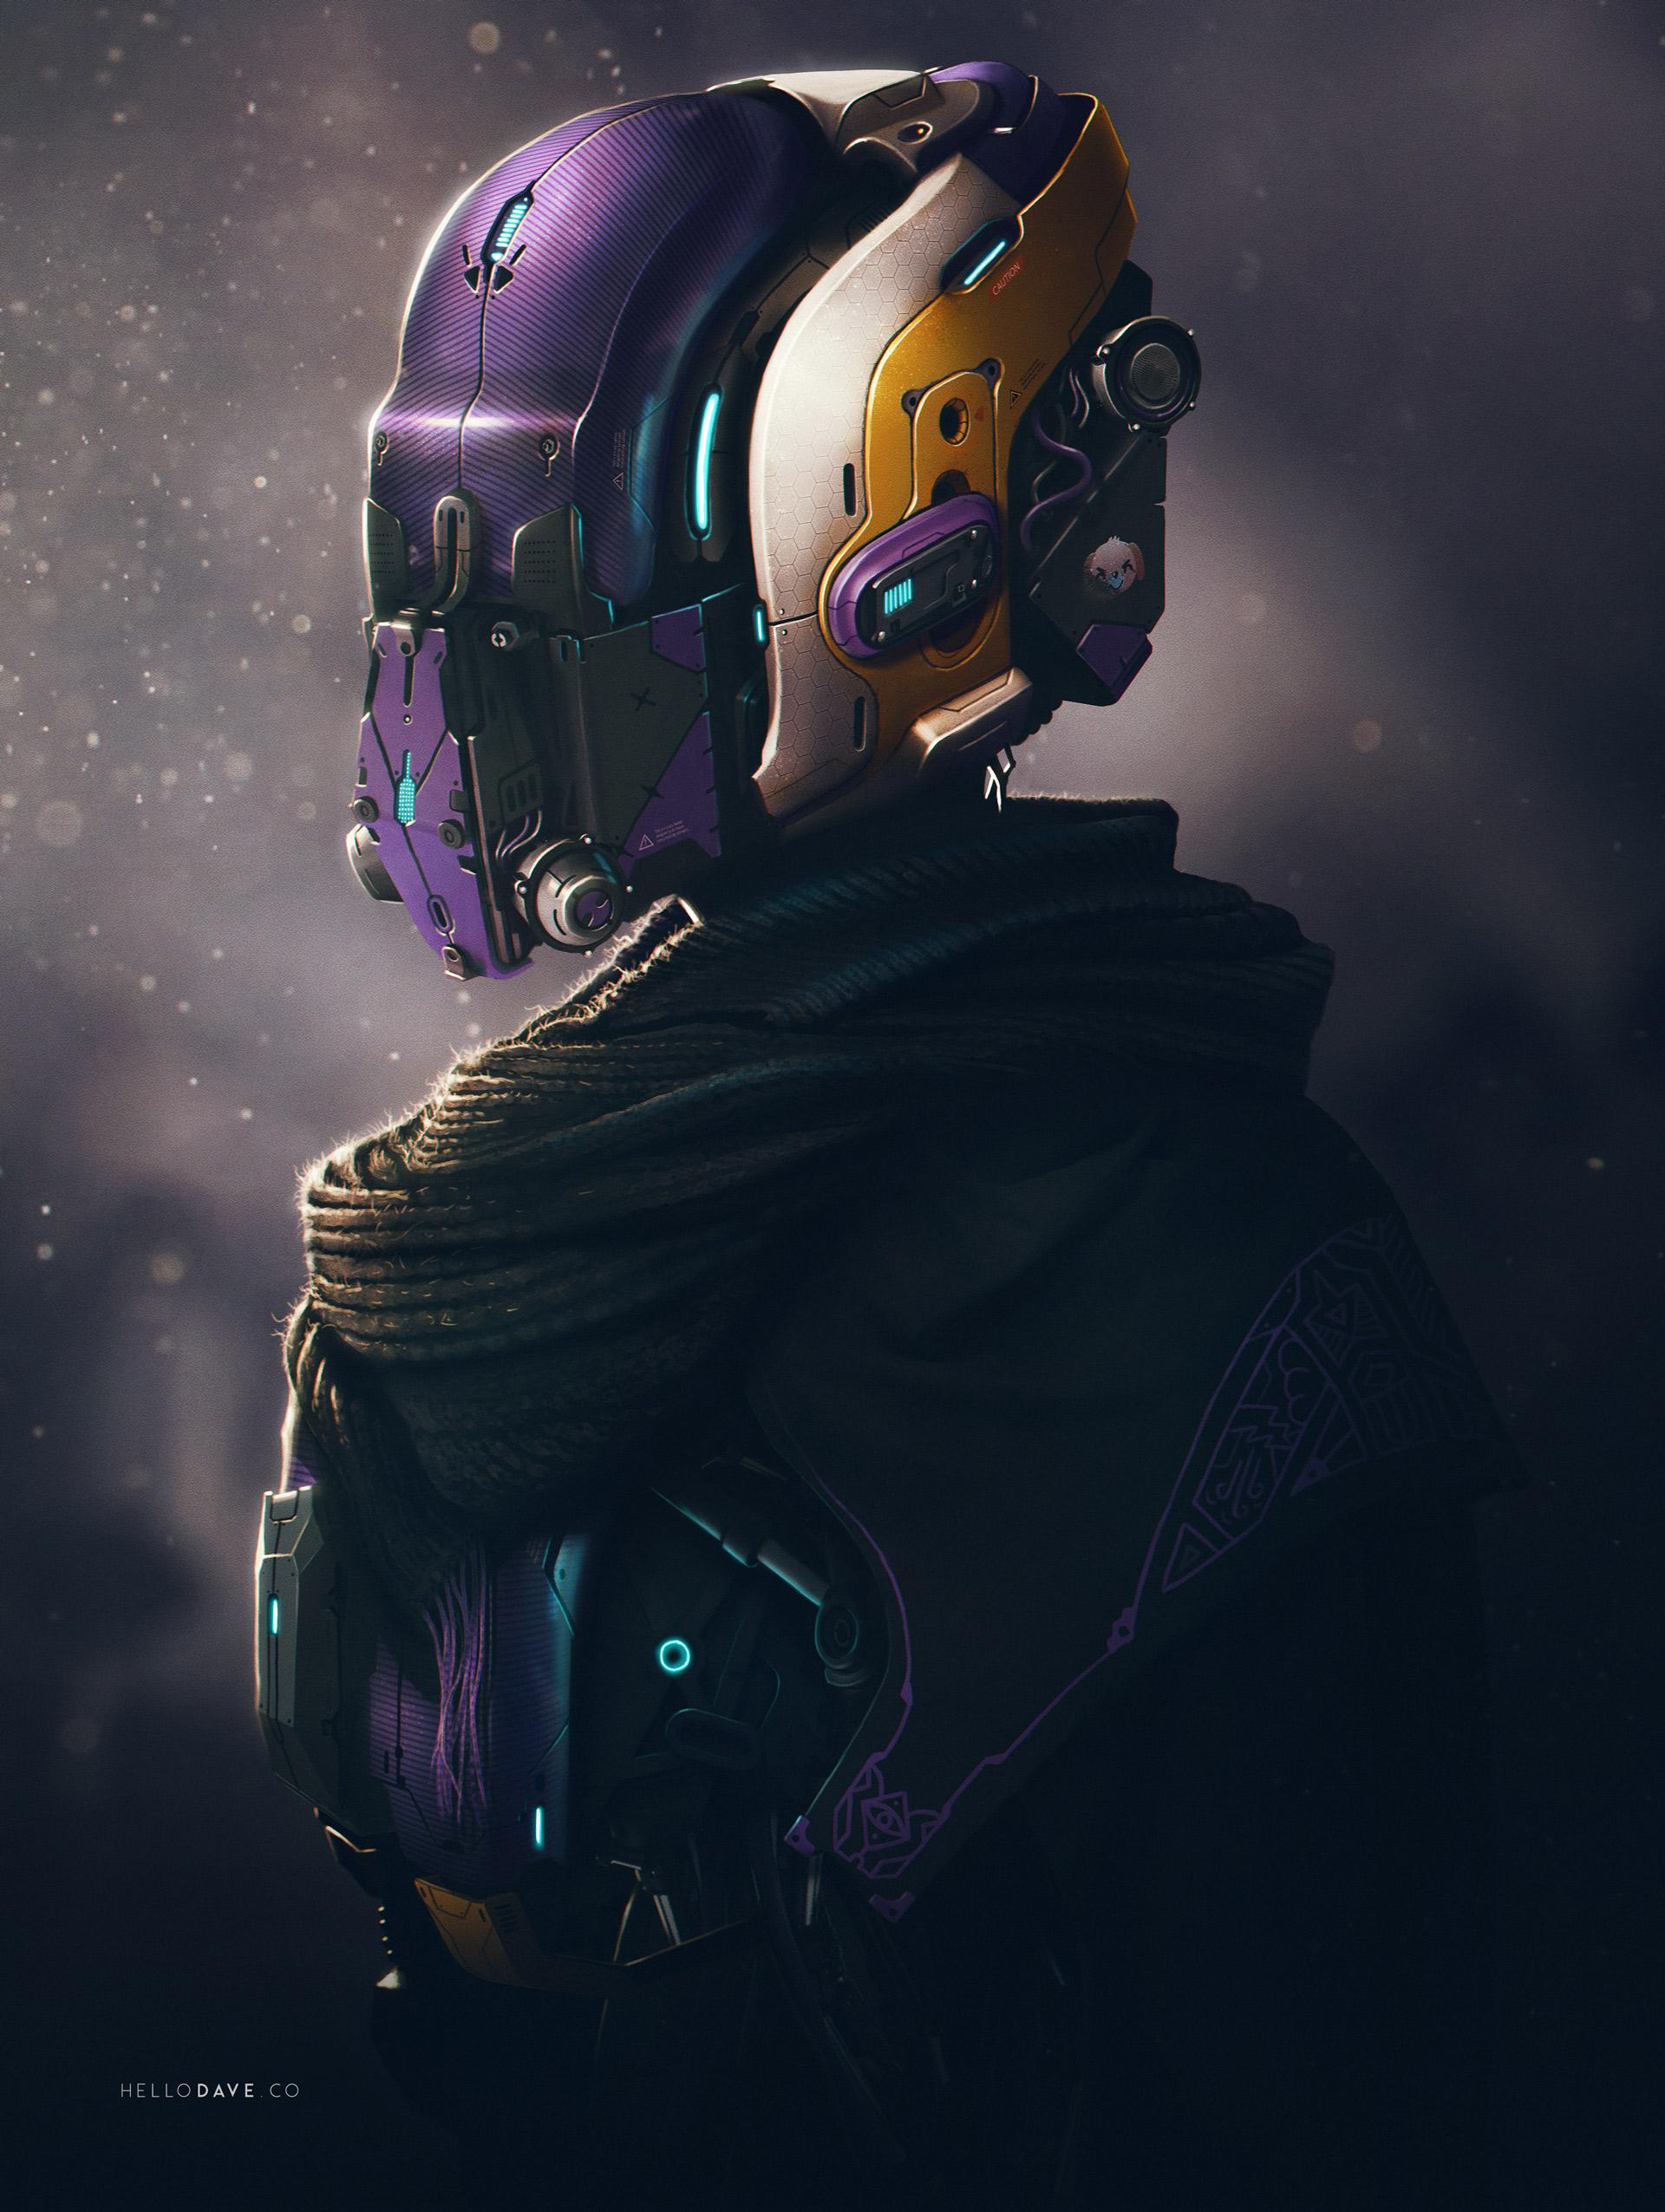 helmet_1920px